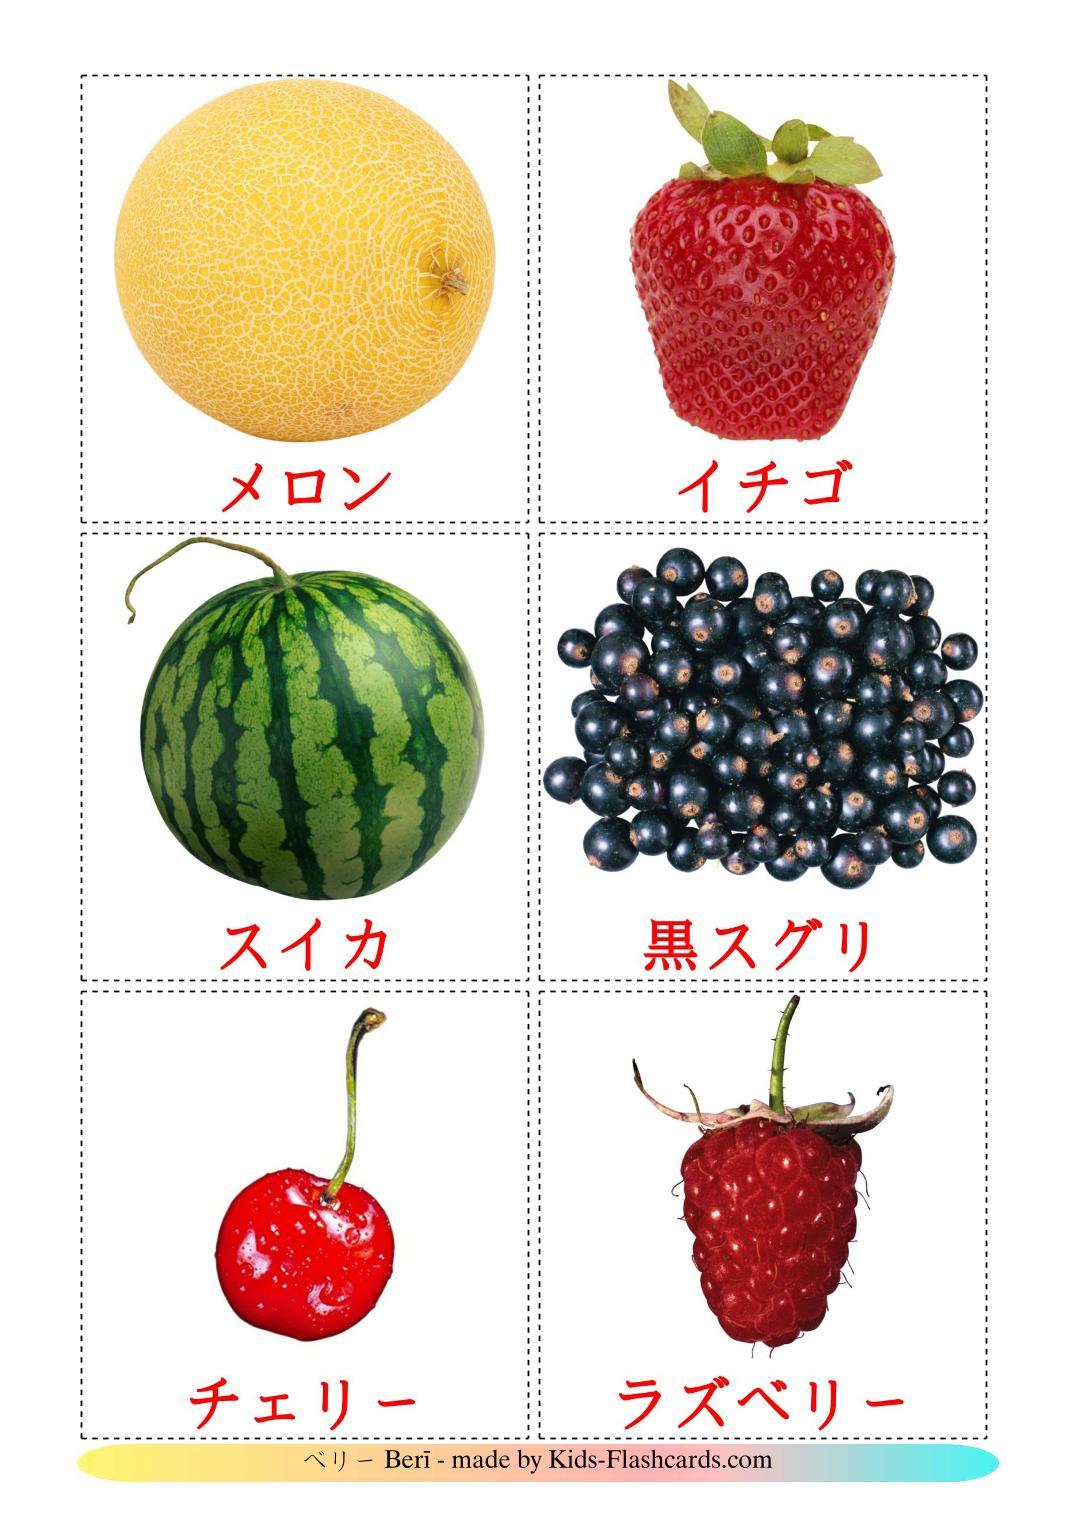 Berries - 11 Free Printable japanese Flashcards